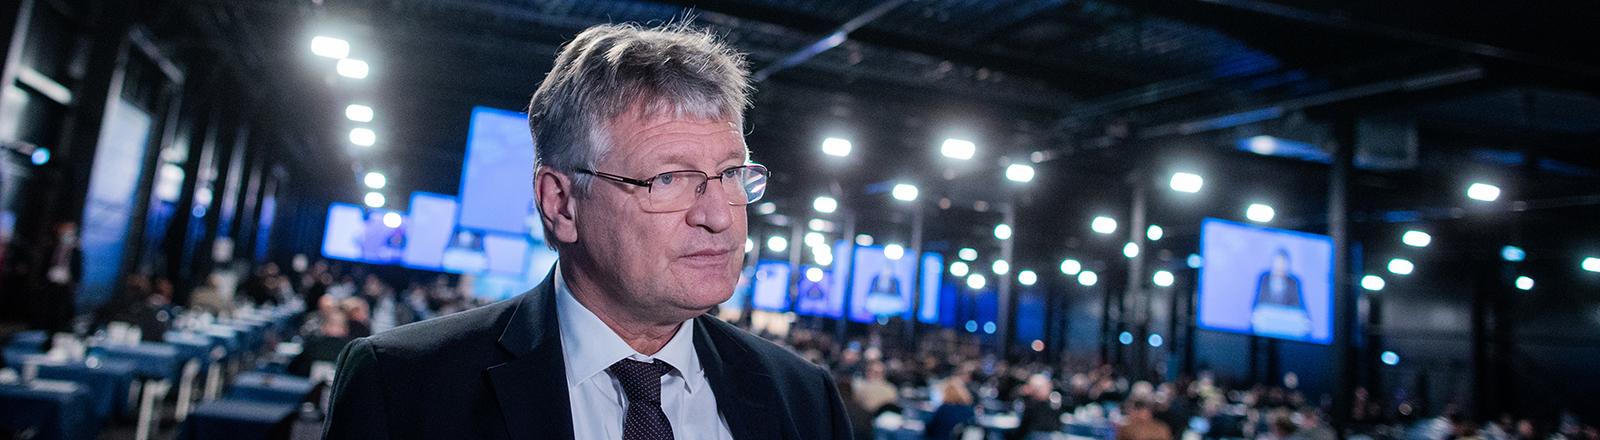 Während des Bundesparteitags der AfD in Kalkar gibt Bundessprecher Jörg Meuthen ein Interivew. Hinter ihm ist die Halle mit den Delegierten zu sehen und große Bildschirme (28.11.2020); Foto: dpa